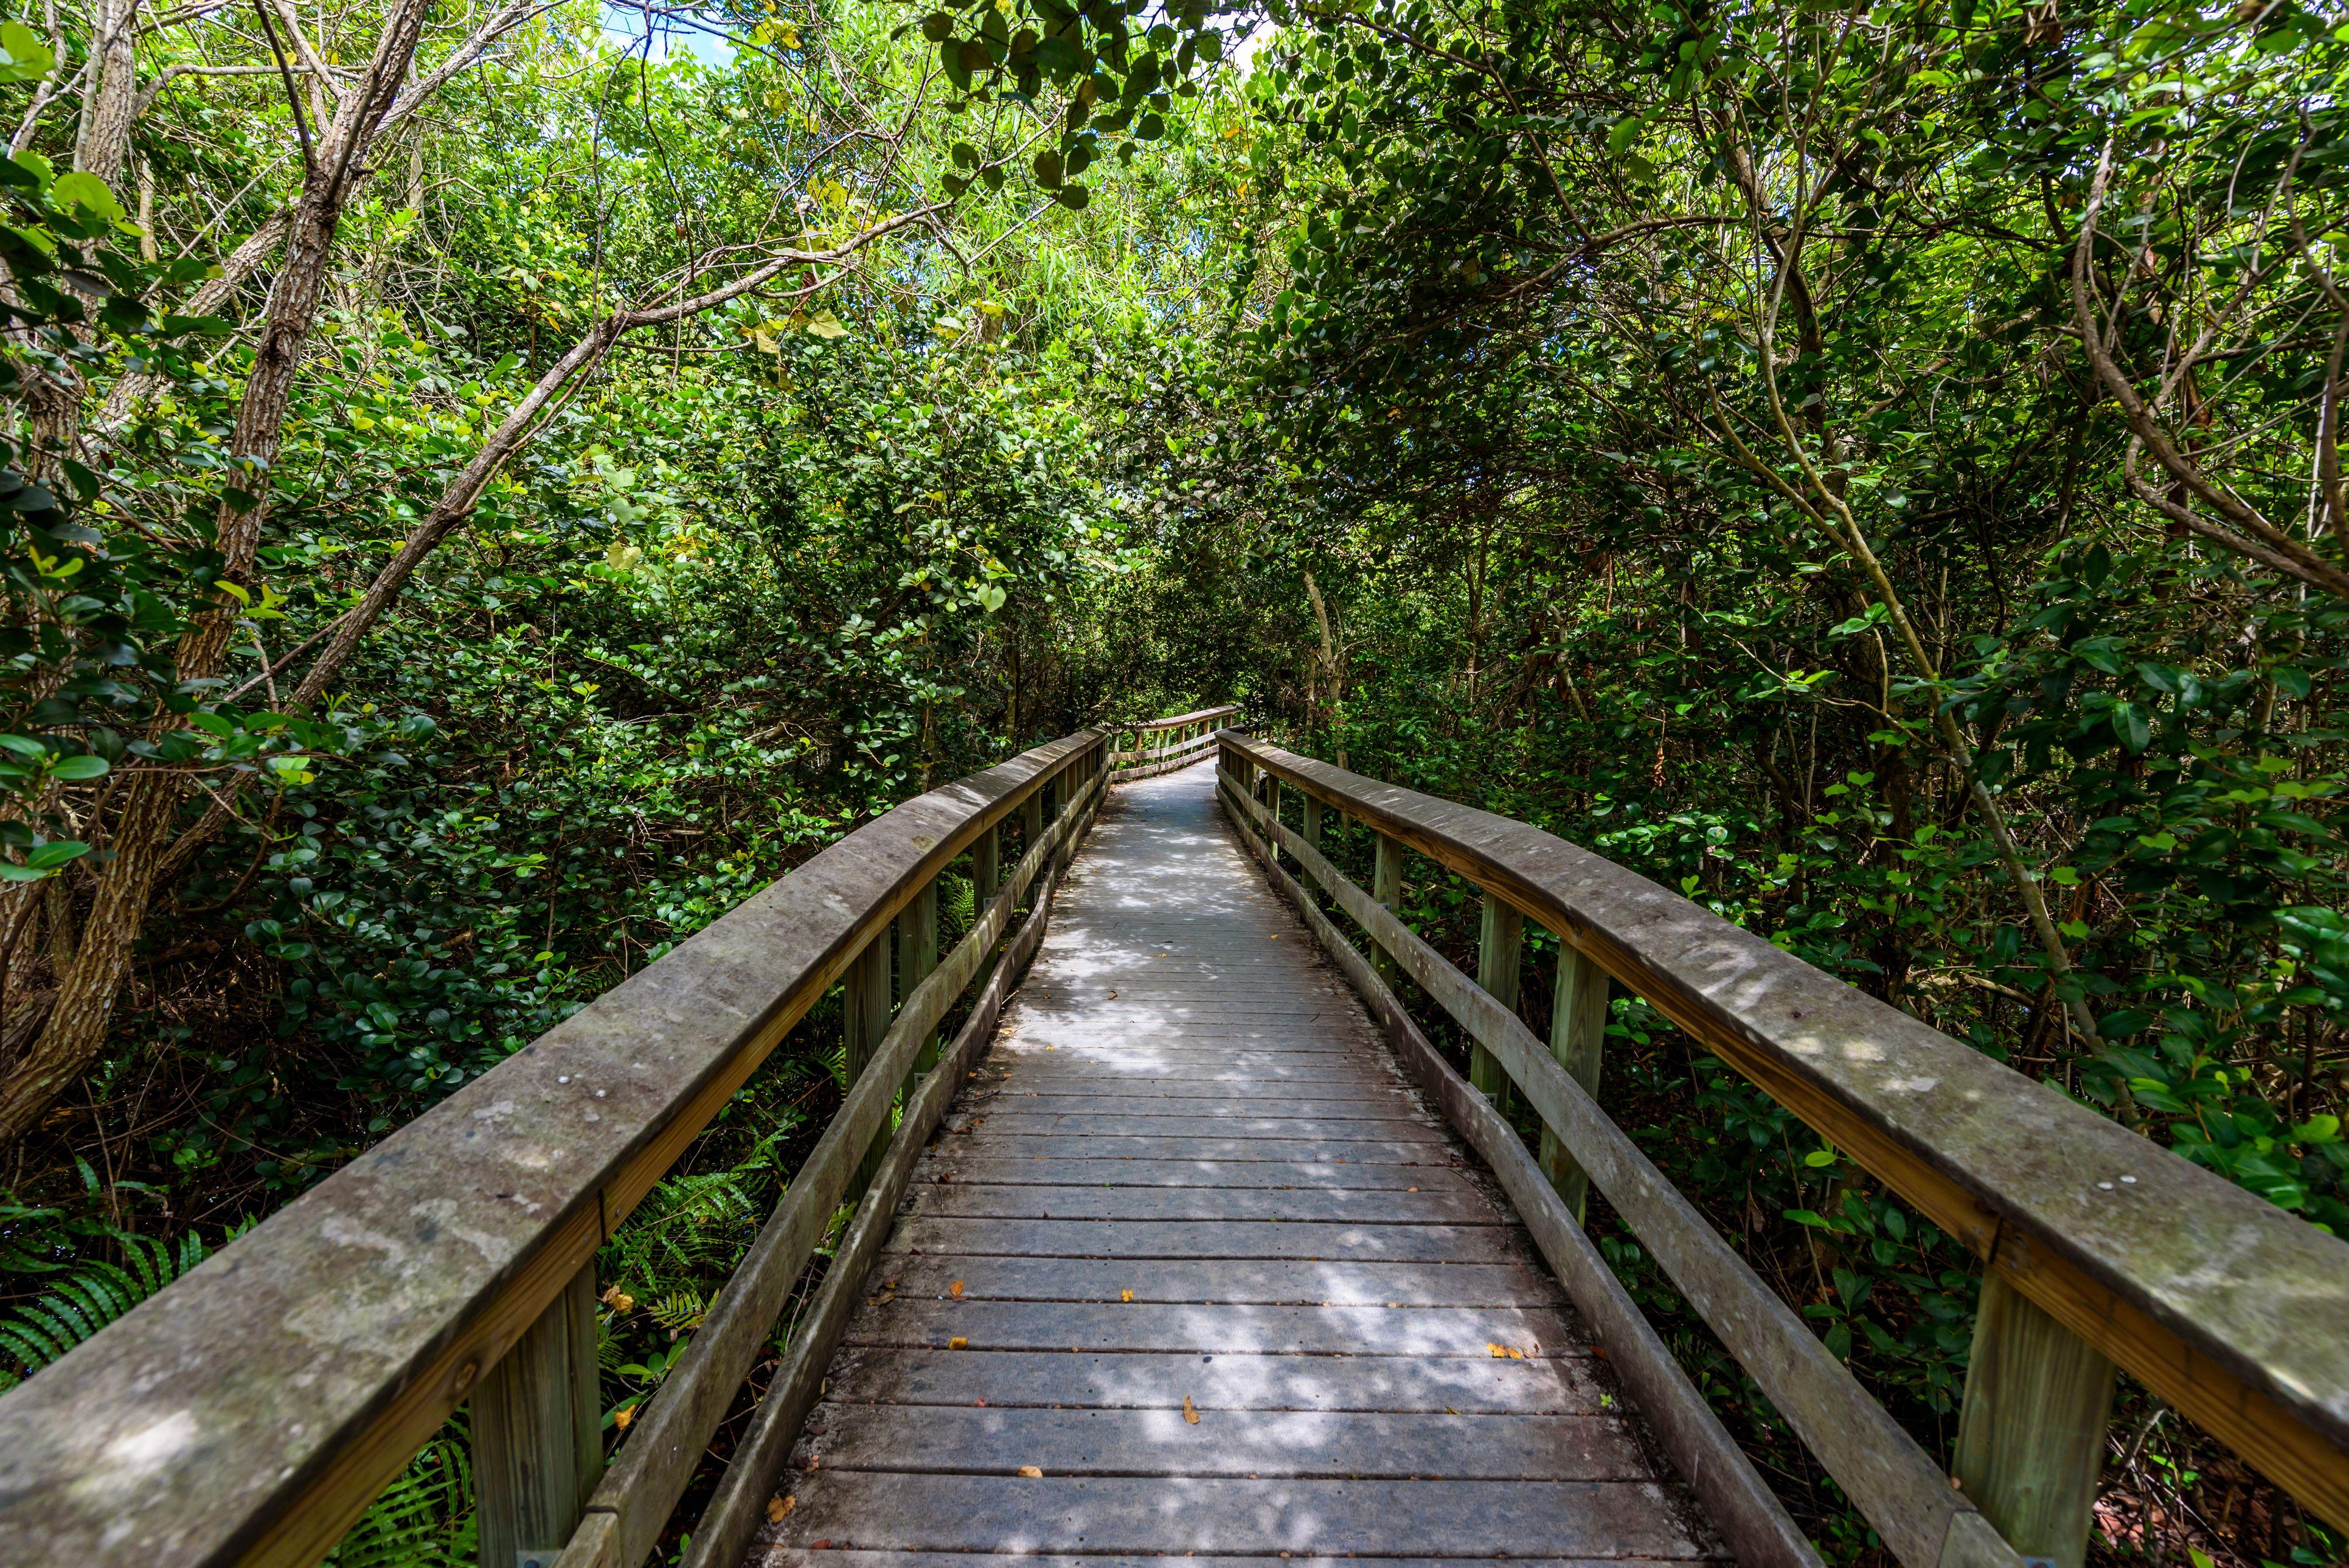 Gumbo Limbo Trail del Everglades National Parque. Paseos marítimos en el pantano. Florida, EE. UU.